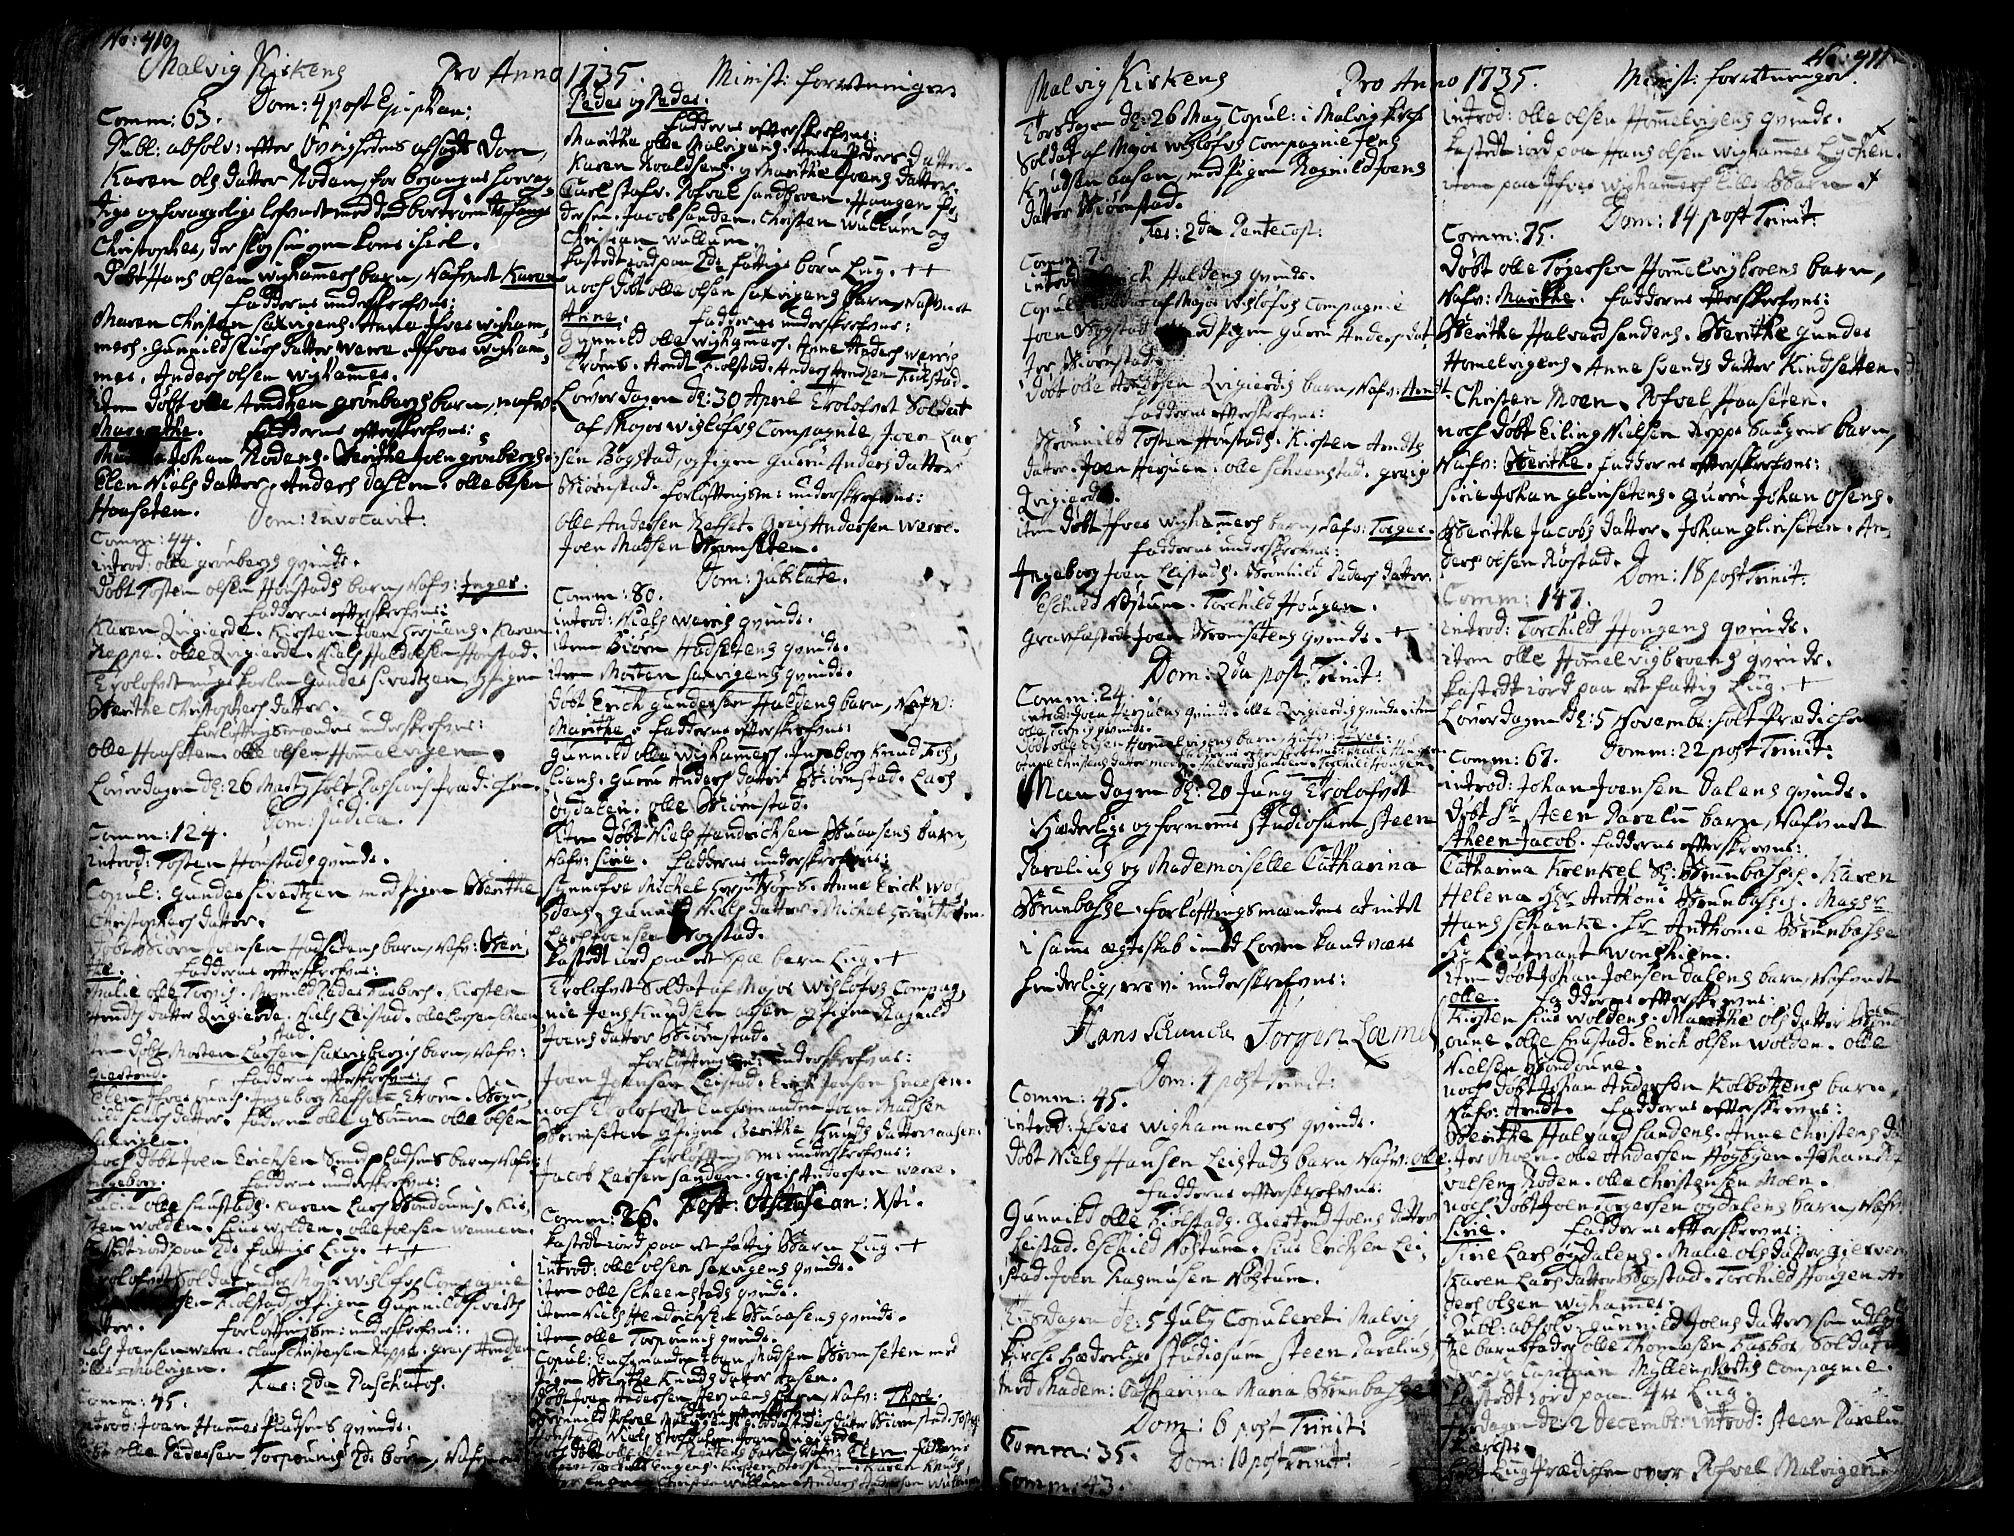 SAT, Ministerialprotokoller, klokkerbøker og fødselsregistre - Sør-Trøndelag, 606/L0277: Ministerialbok nr. 606A01 /3, 1727-1780, s. 410-411